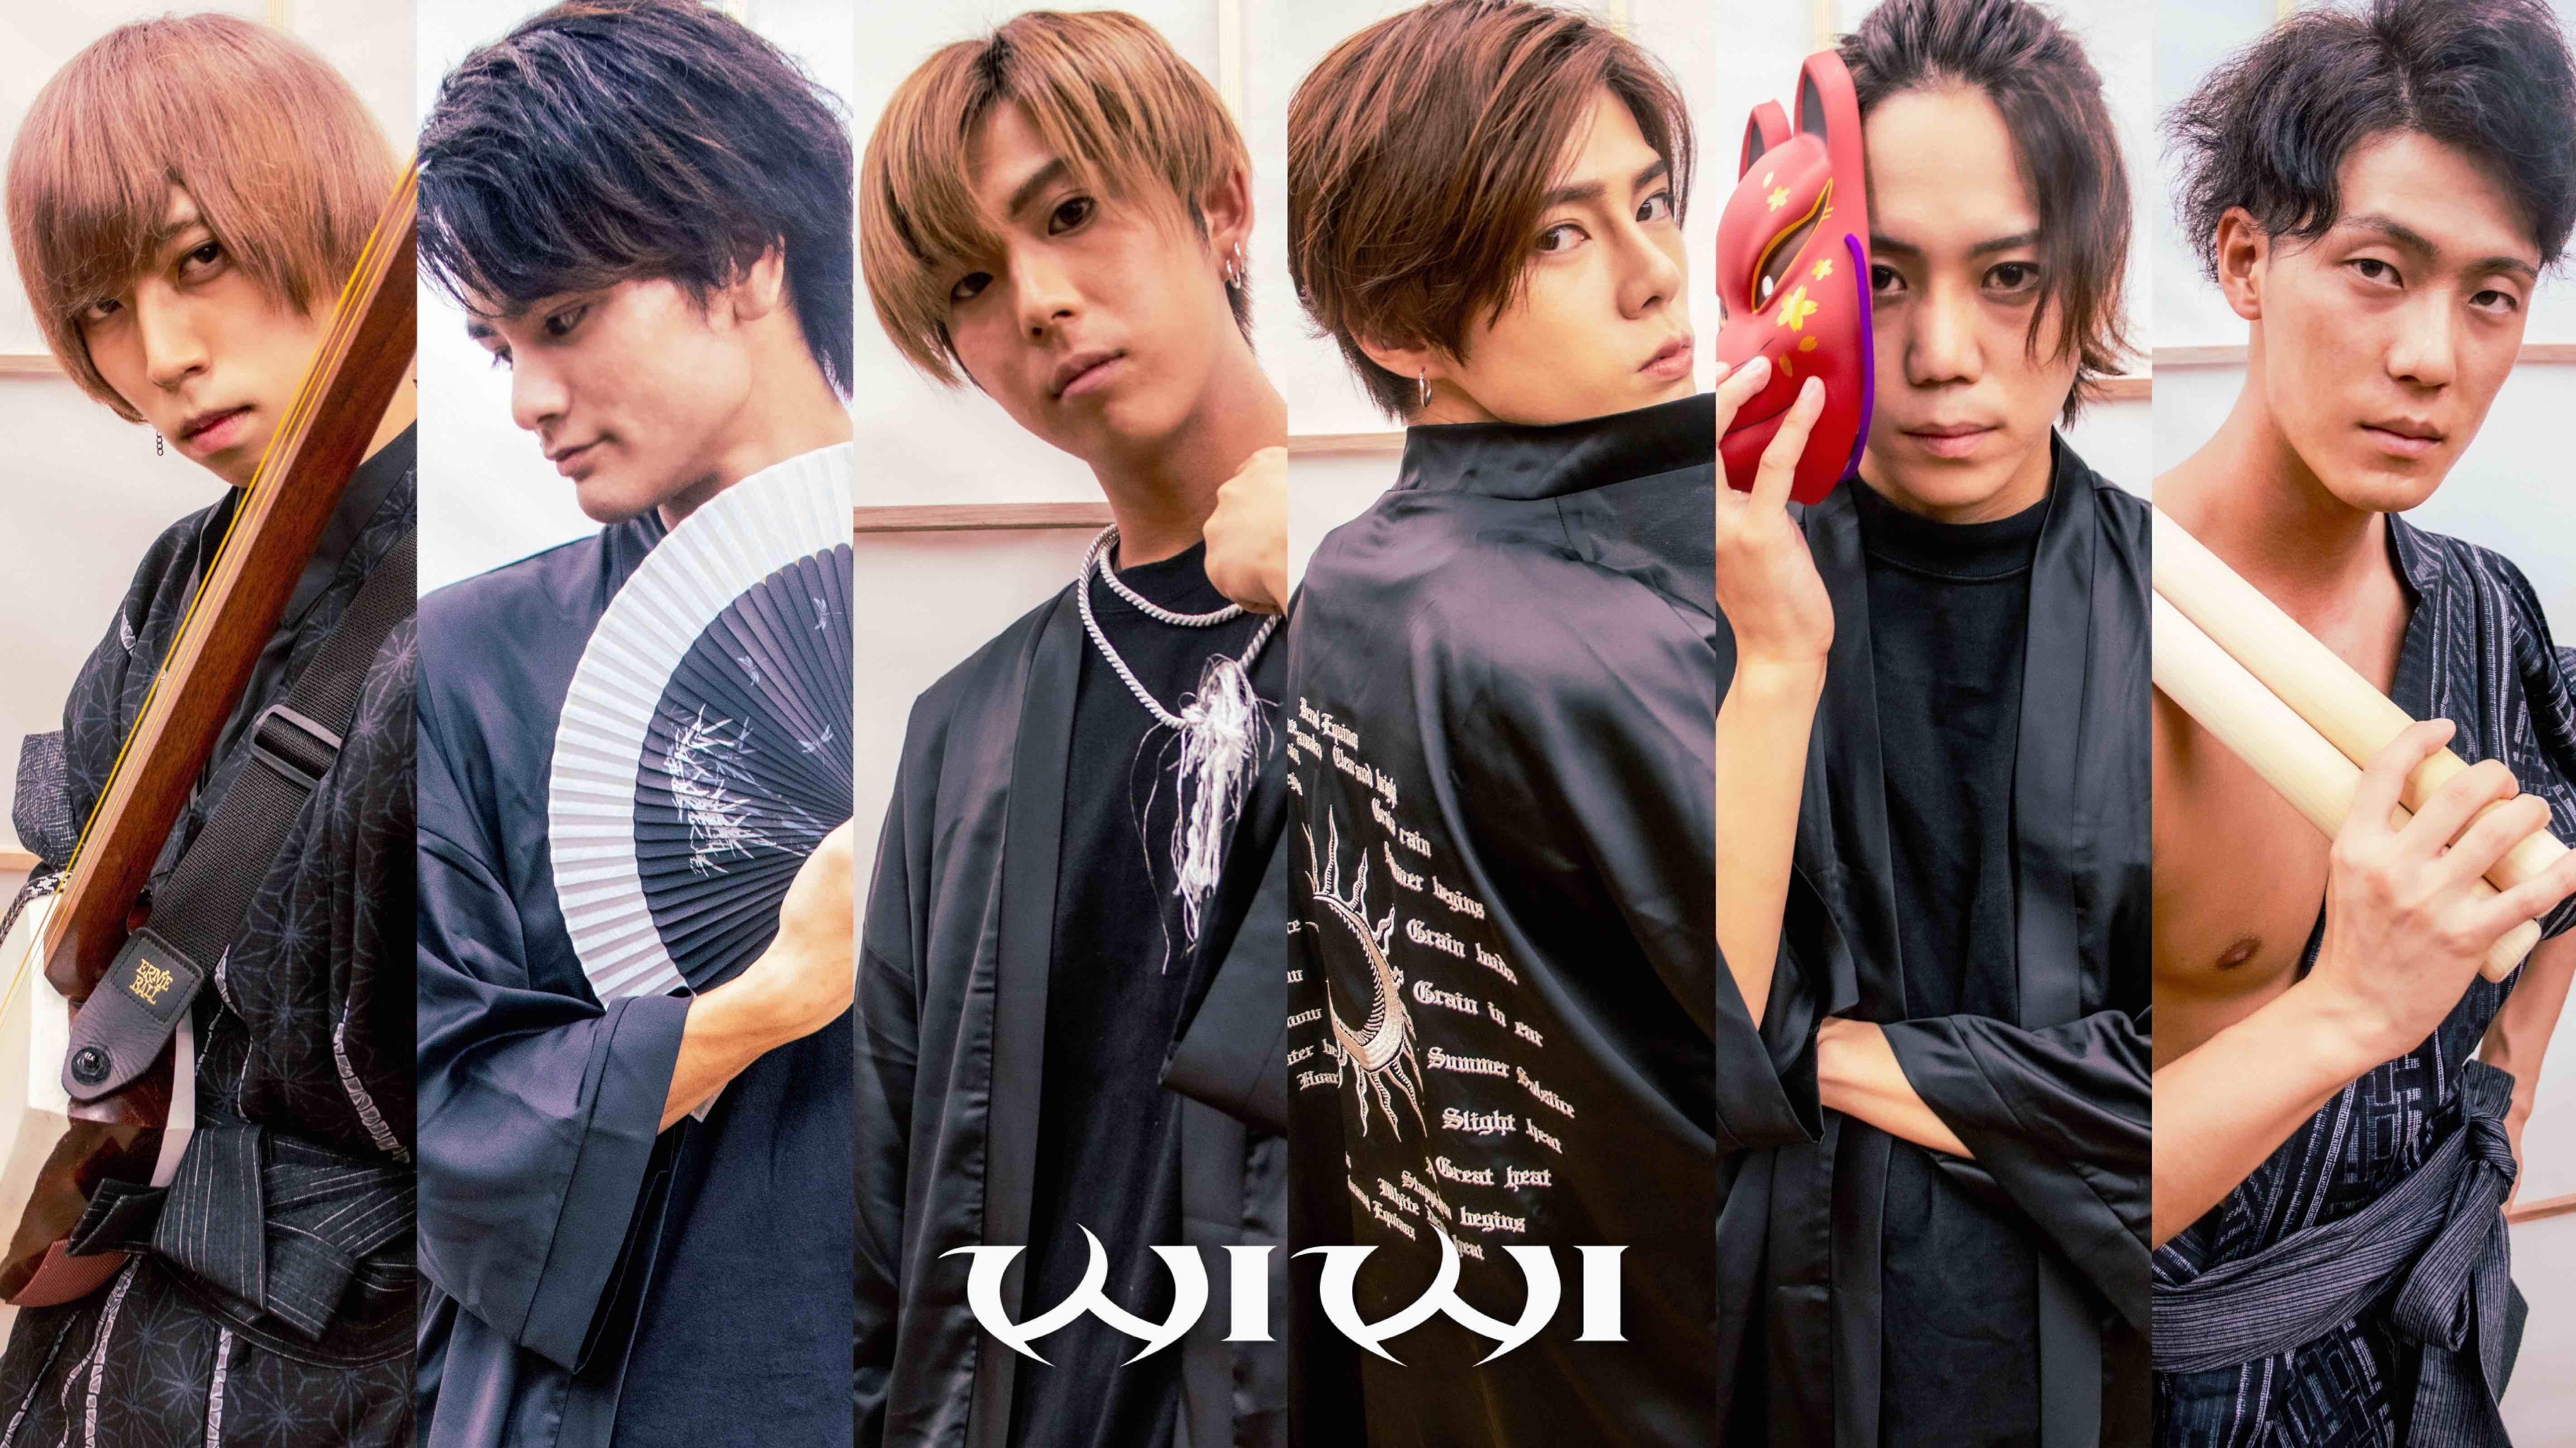 WIWI定期公演 VOL.2